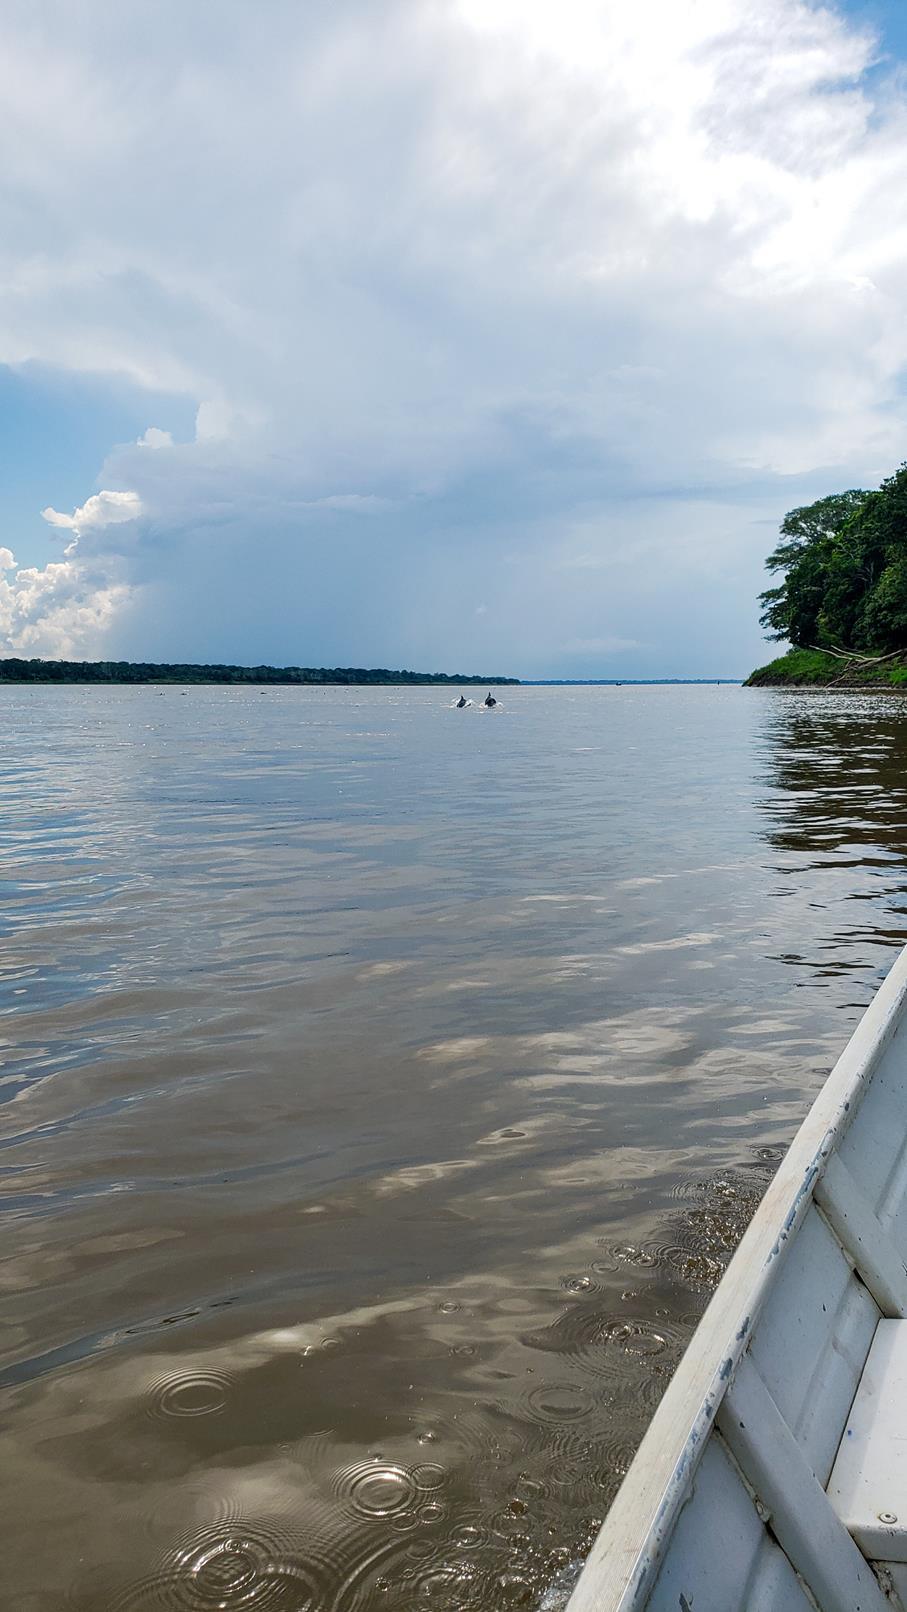 Dolfijnen Amazone rivier Colombia